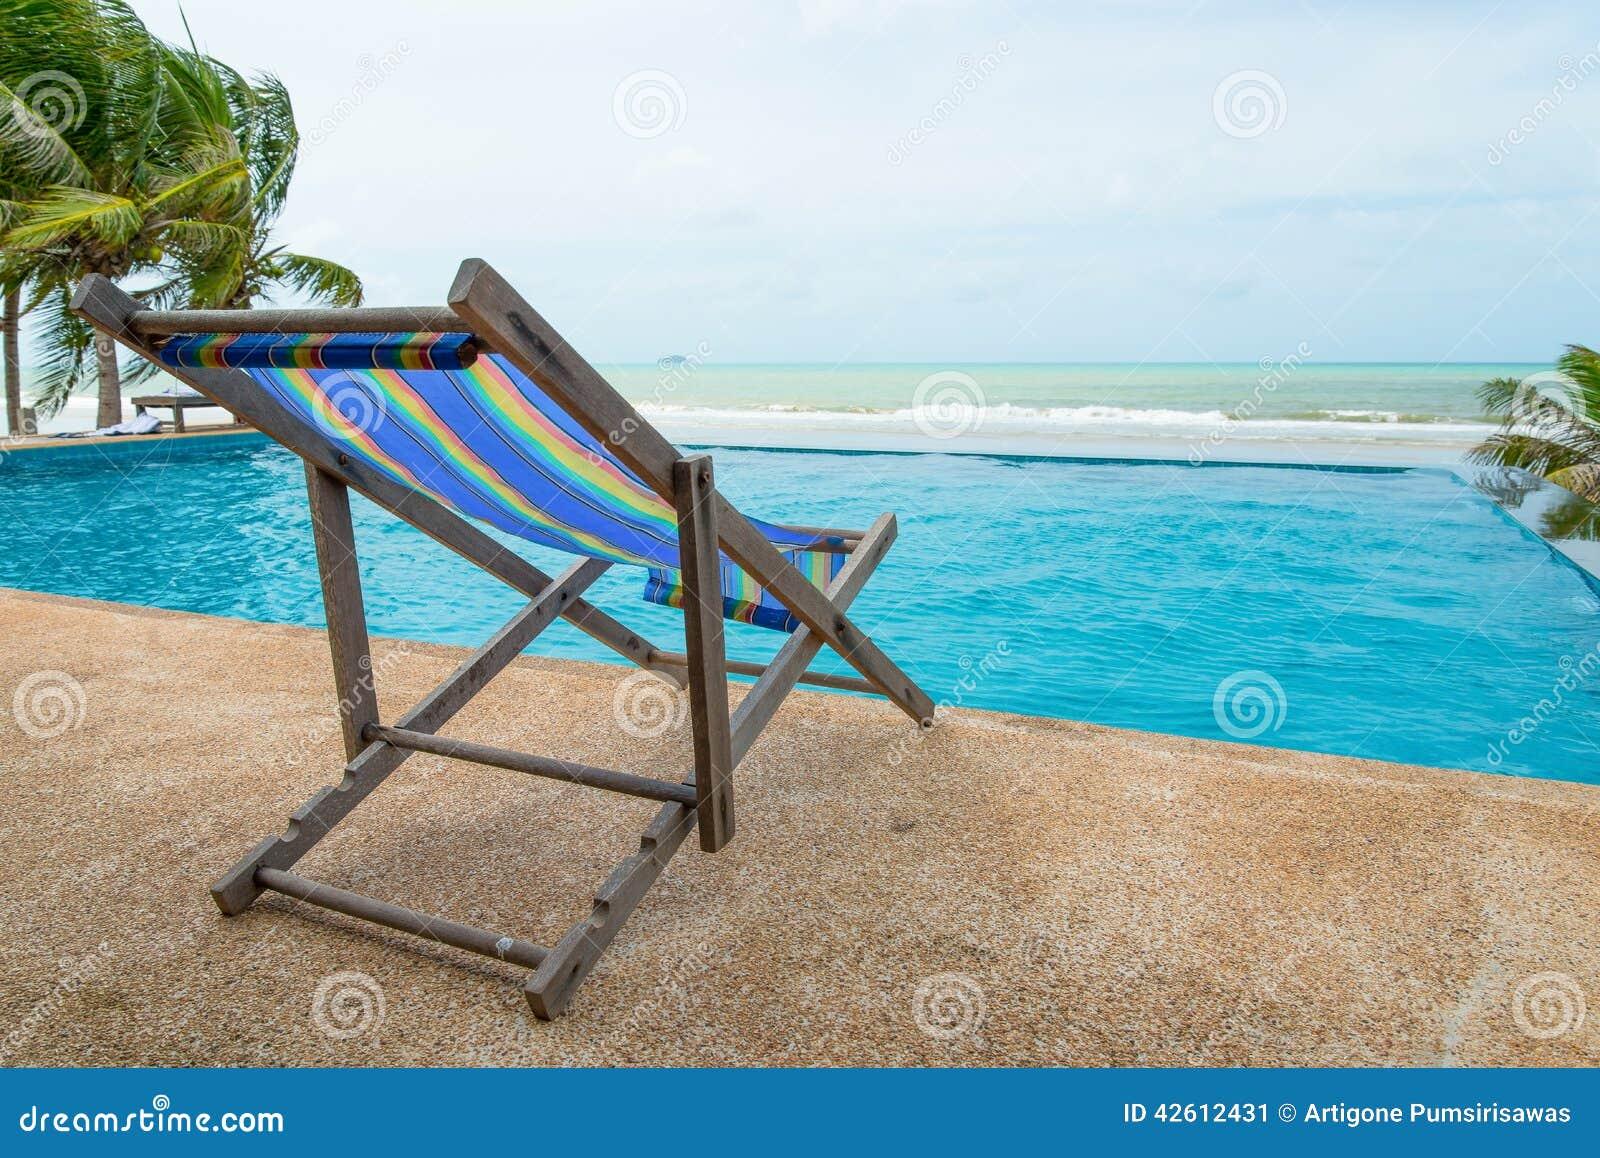 Silla cerca de la piscina y del mar foto de archivo for Sillas para piscina